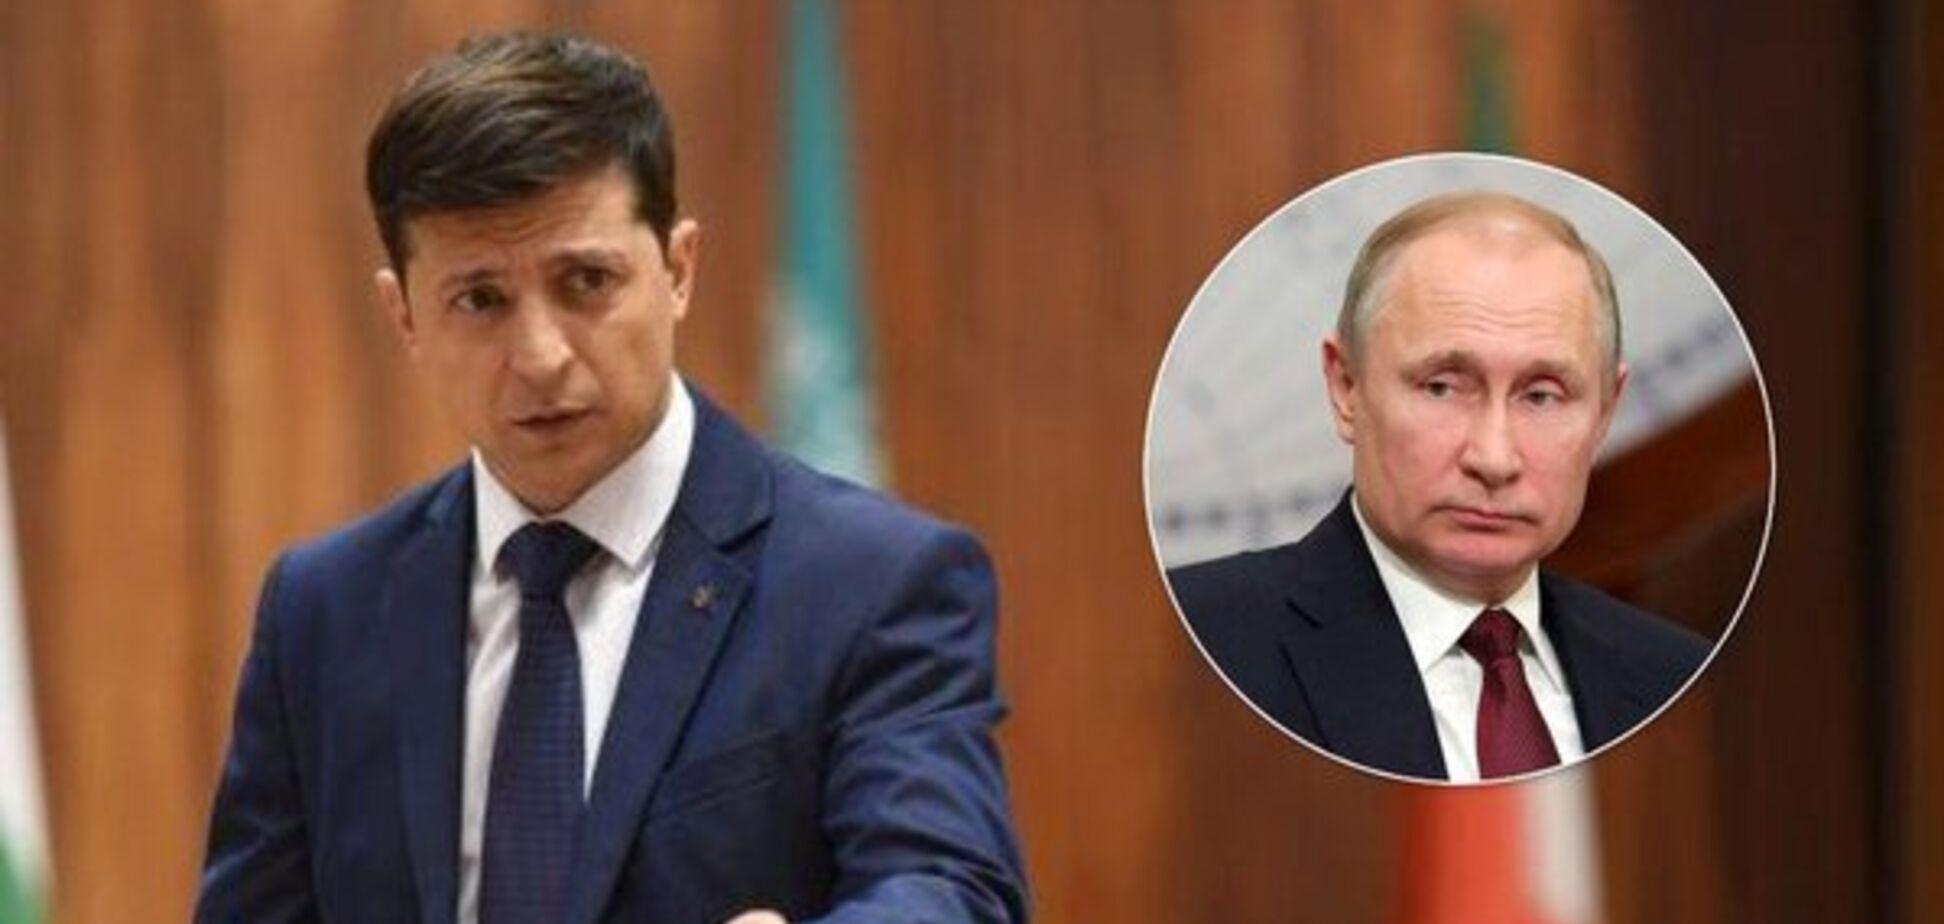 Путин с помощниками бьют копытами. Но их интересует не Донбасс